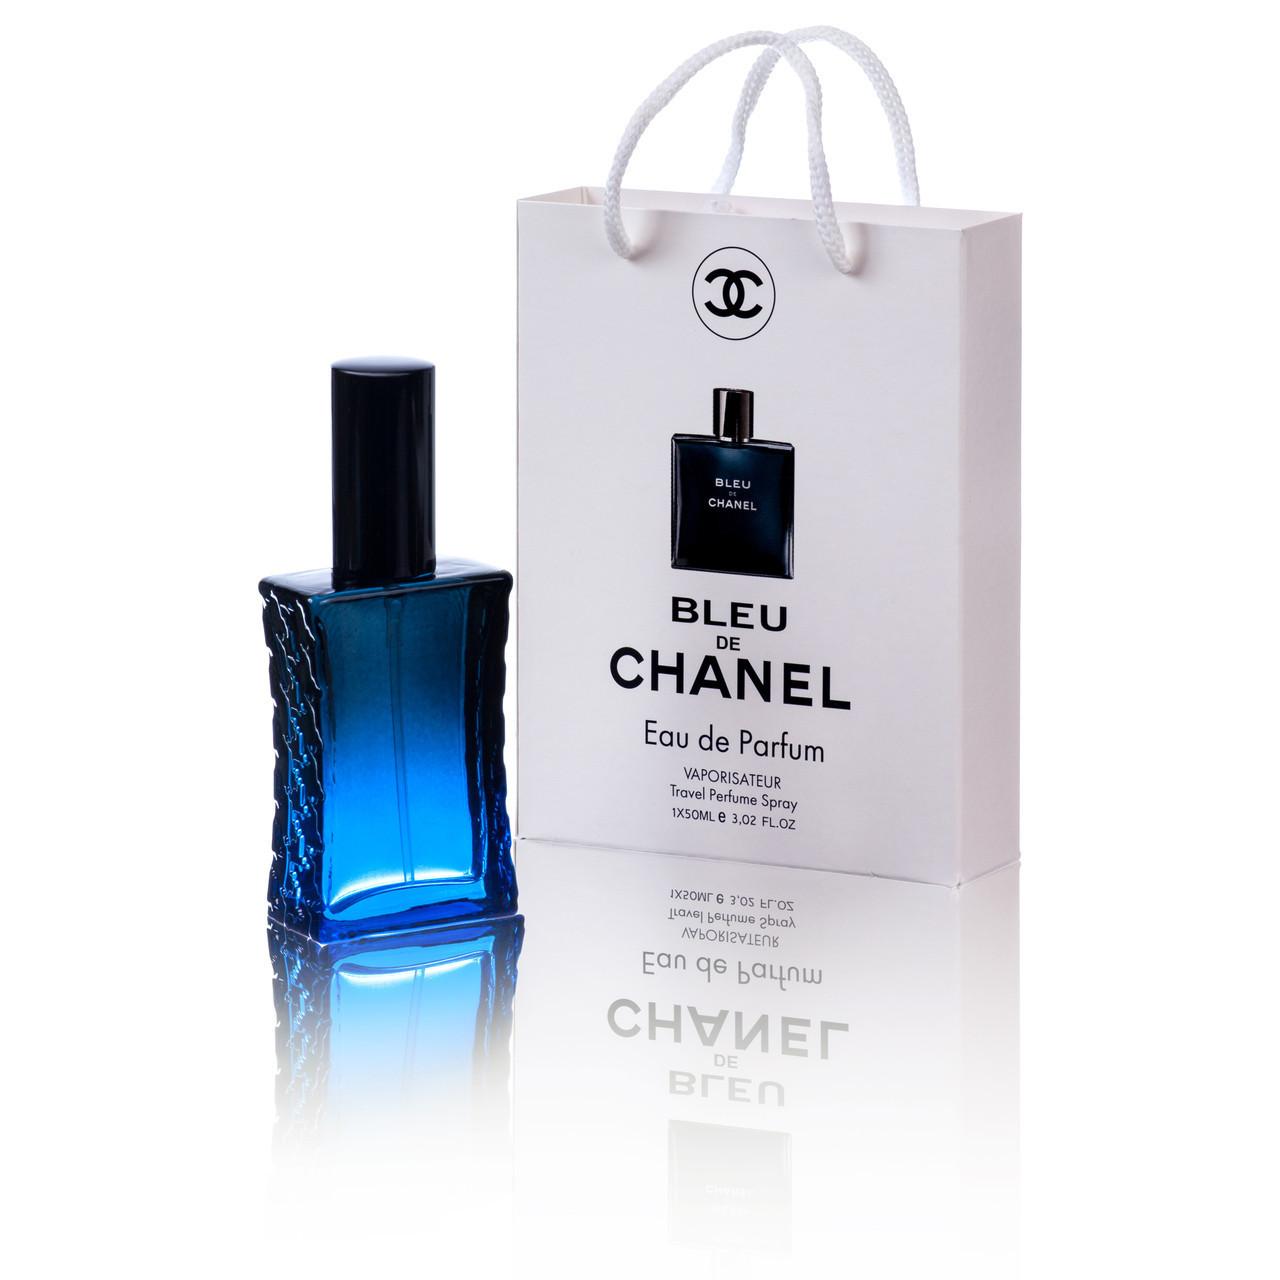 Парфюм для мужчин Chanel Bleu de Chanel в подарочной упаковке 50 мл(Шанель Блю Де Шанель)